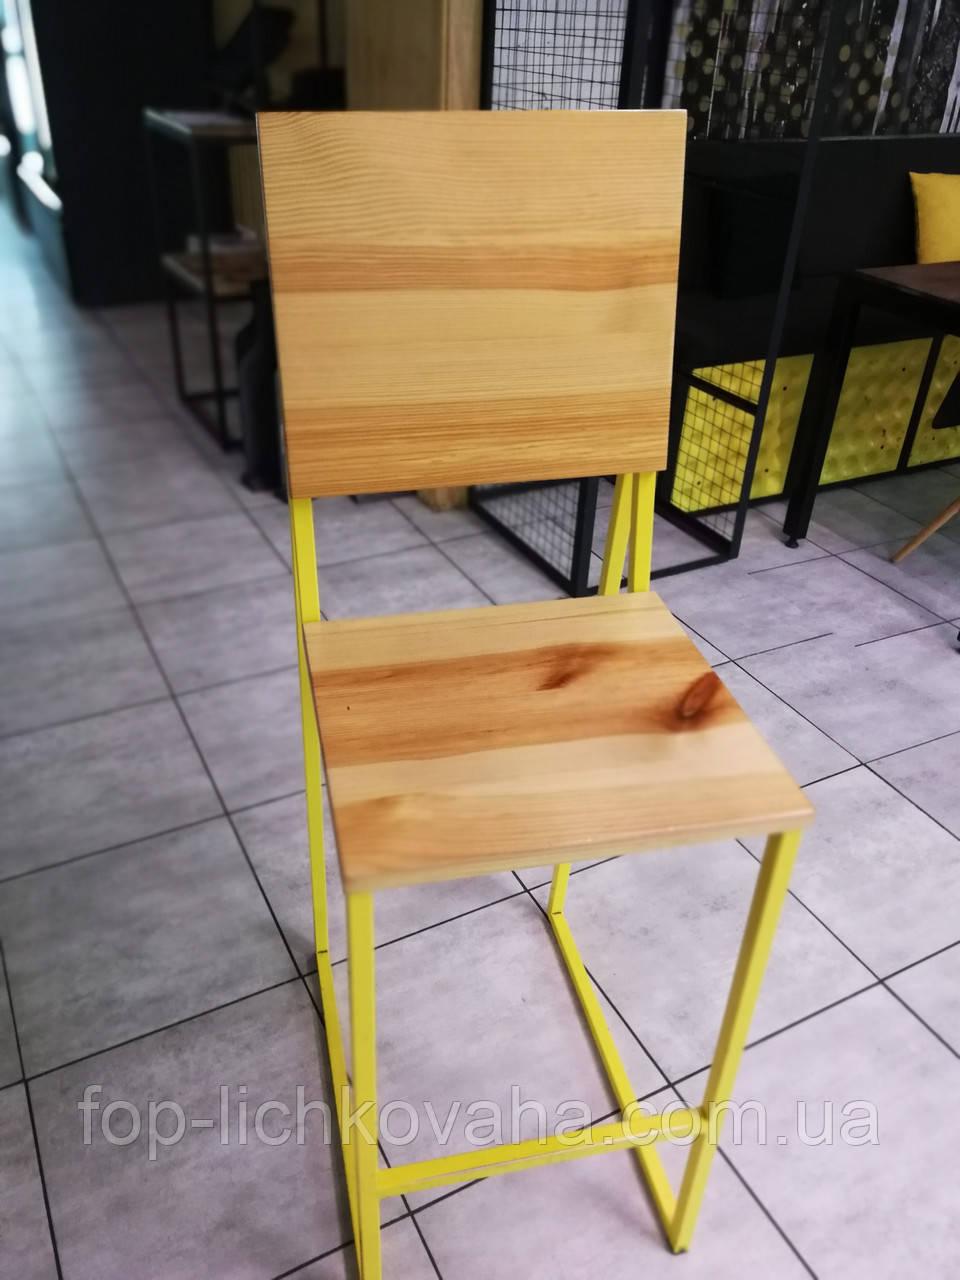 Барный стул - фото 1